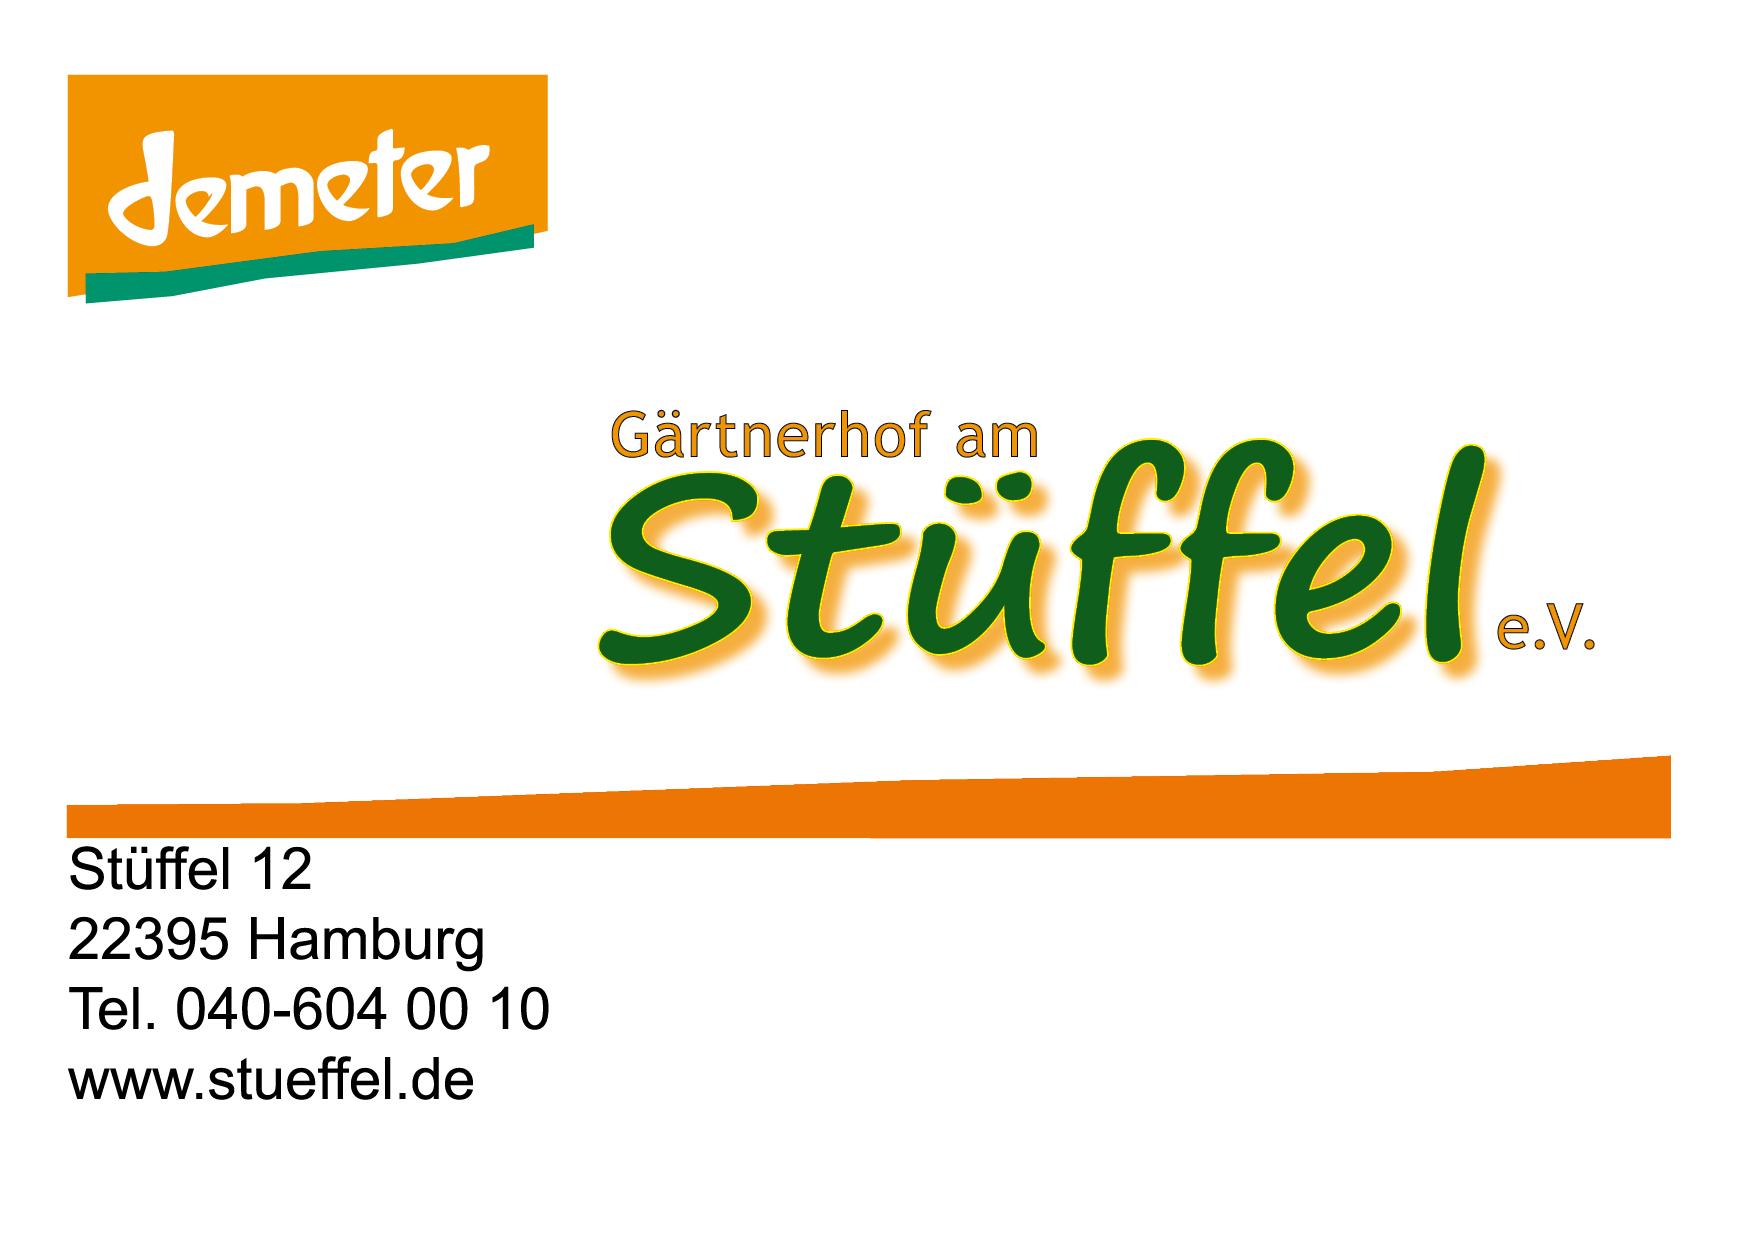 Gärtnerhof am Stüffel e.V.